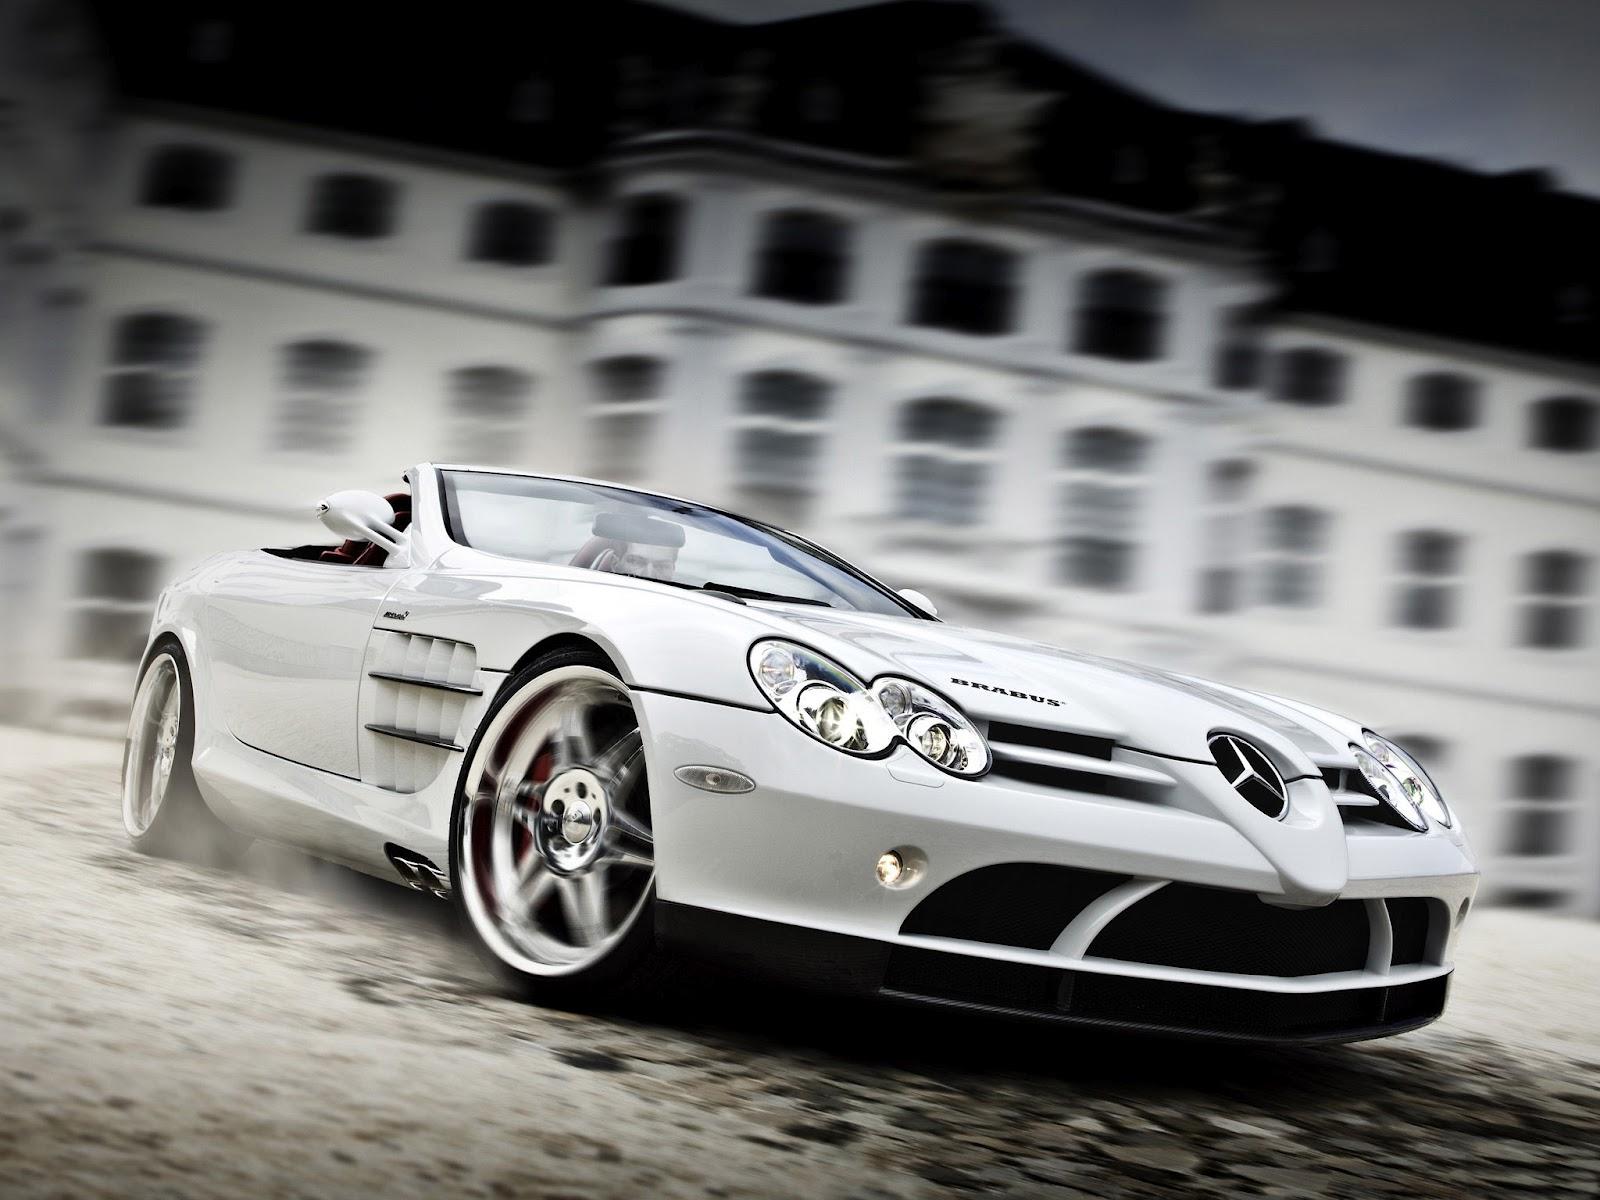 Super+Cars+%2816%29 41 Gerçek HD Masaüstü Süper Araba Resimleri